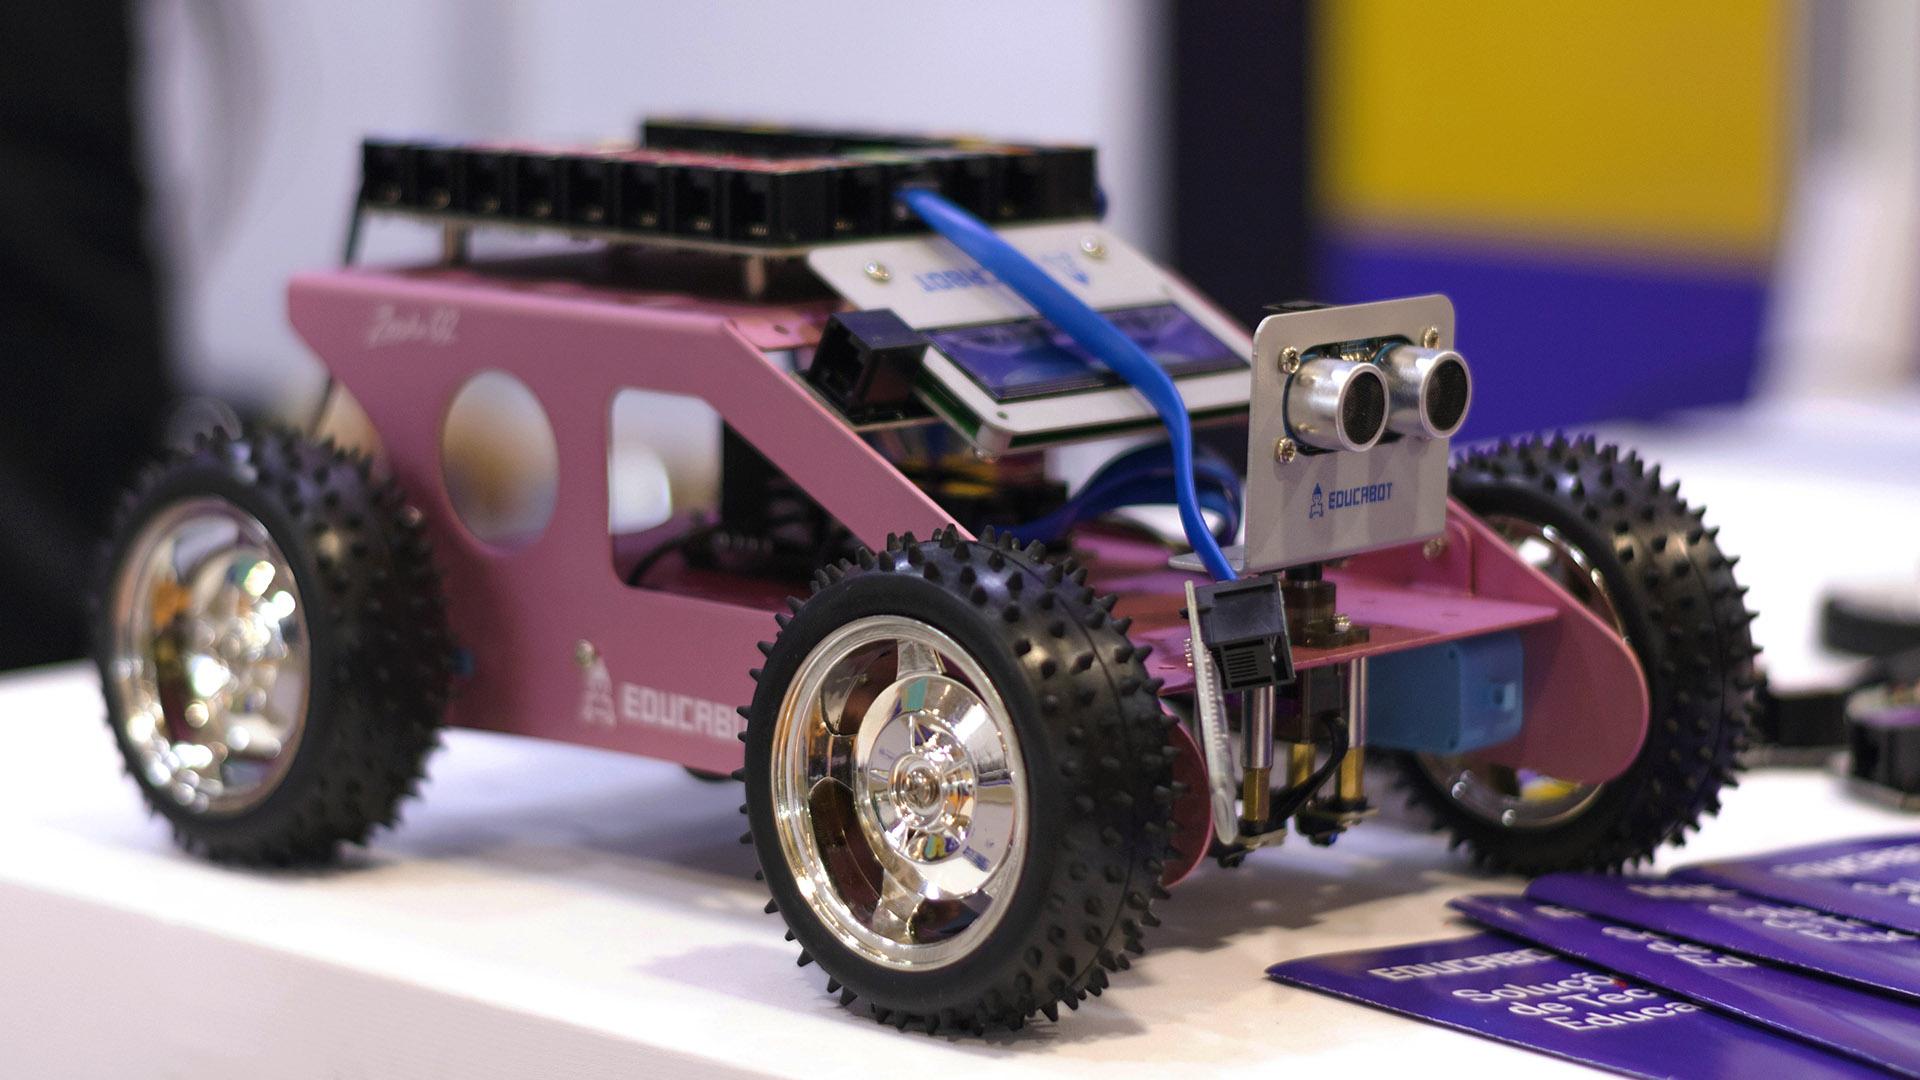 Cursos gratuitos de robótica e impresión 3D en San Pedro Alcántara